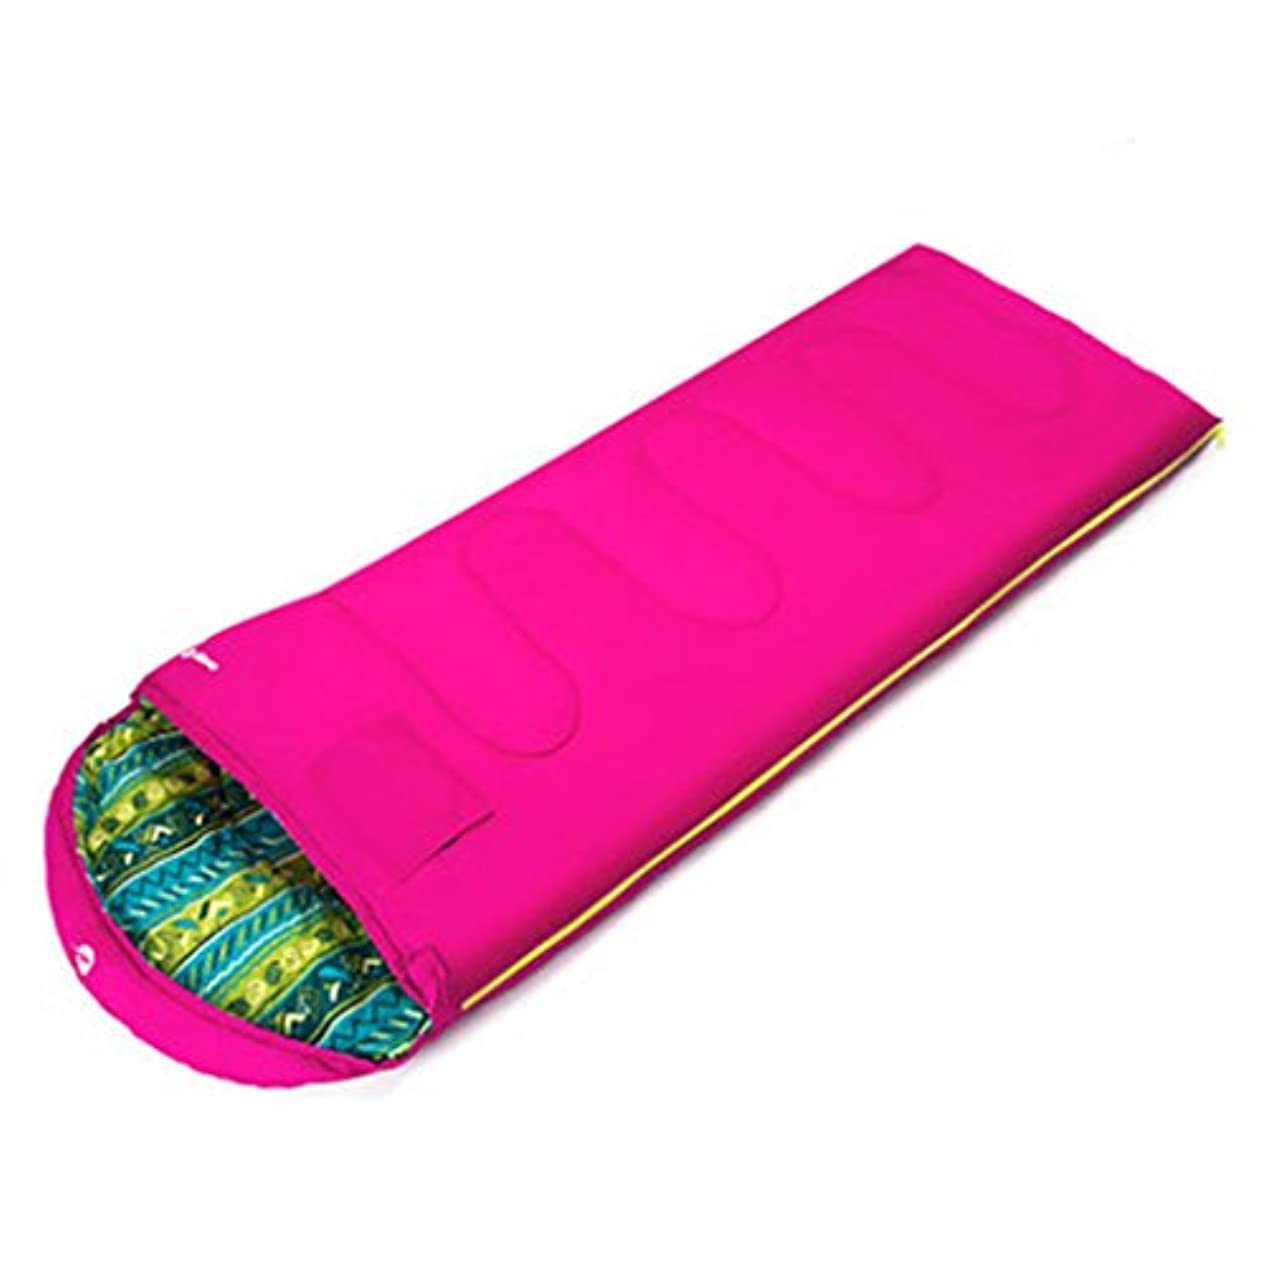 仲間累積夜明け折りたたみ式ベッド 寝袋大人の屋内の厚い暖かい屋外キャンプの冬の内臓羽毛の寝袋180 * 75 cm適切な温度-5°C -0°C (Color : Pink)